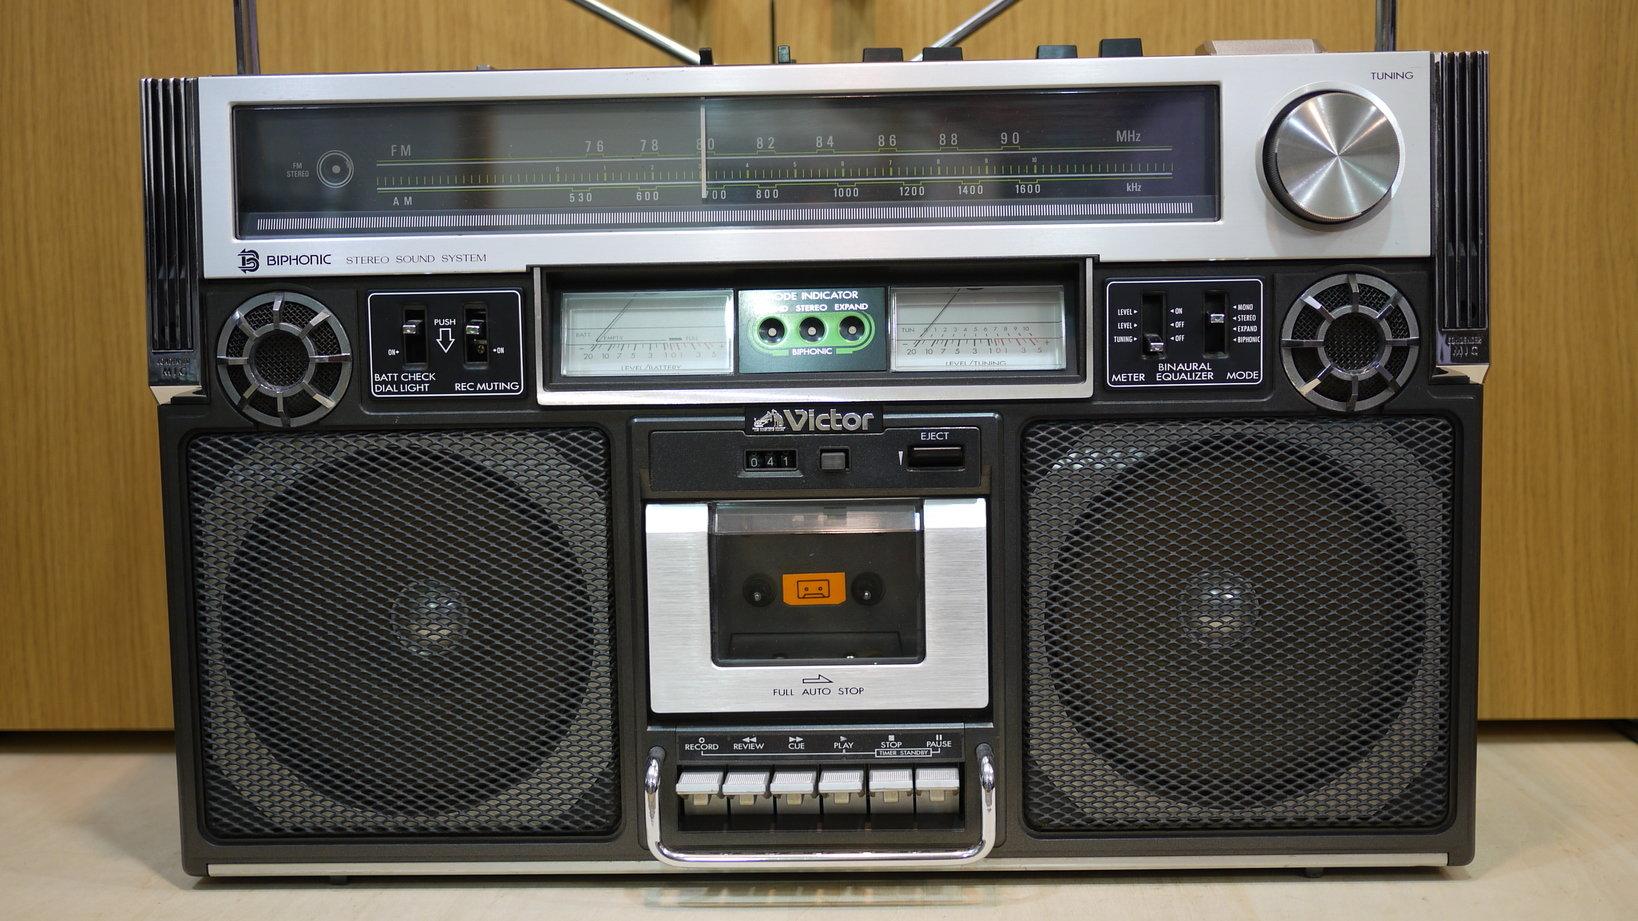 バイノーラル録音をスピーカー再生できるVictorのラジカセ